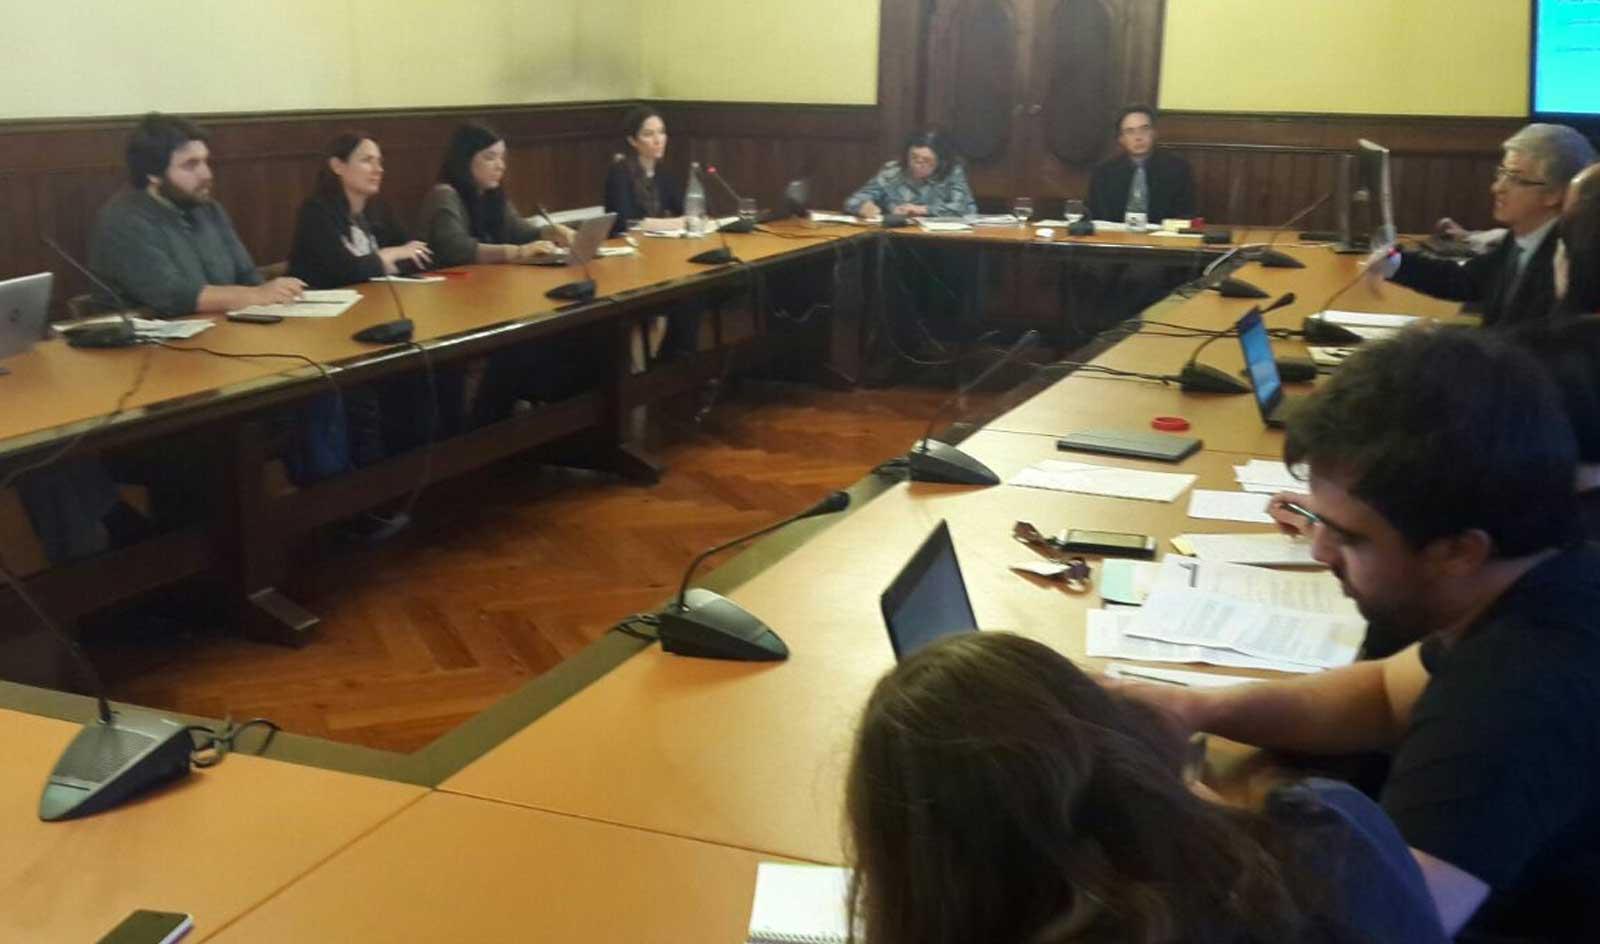 StopMM proposa al Parlament de Catalunya la creació d'un programa per a MENA i el finançament d'un corredor humanitari